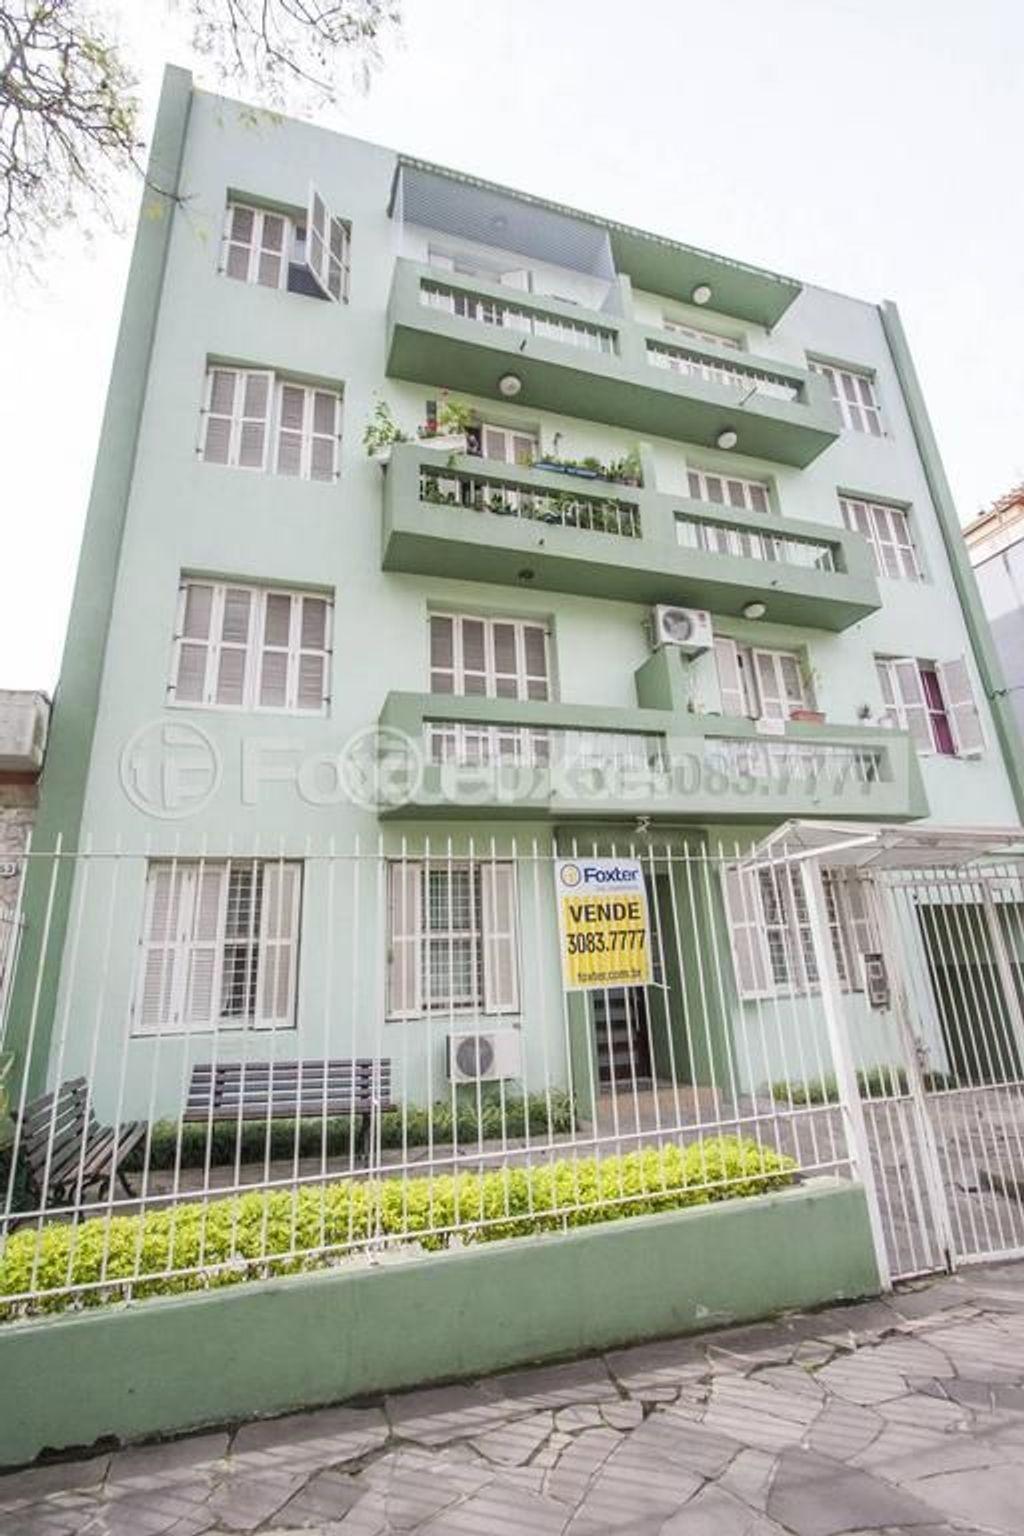 Foxter Imobiliária - Cobertura 3 Dorm, Rio Branco